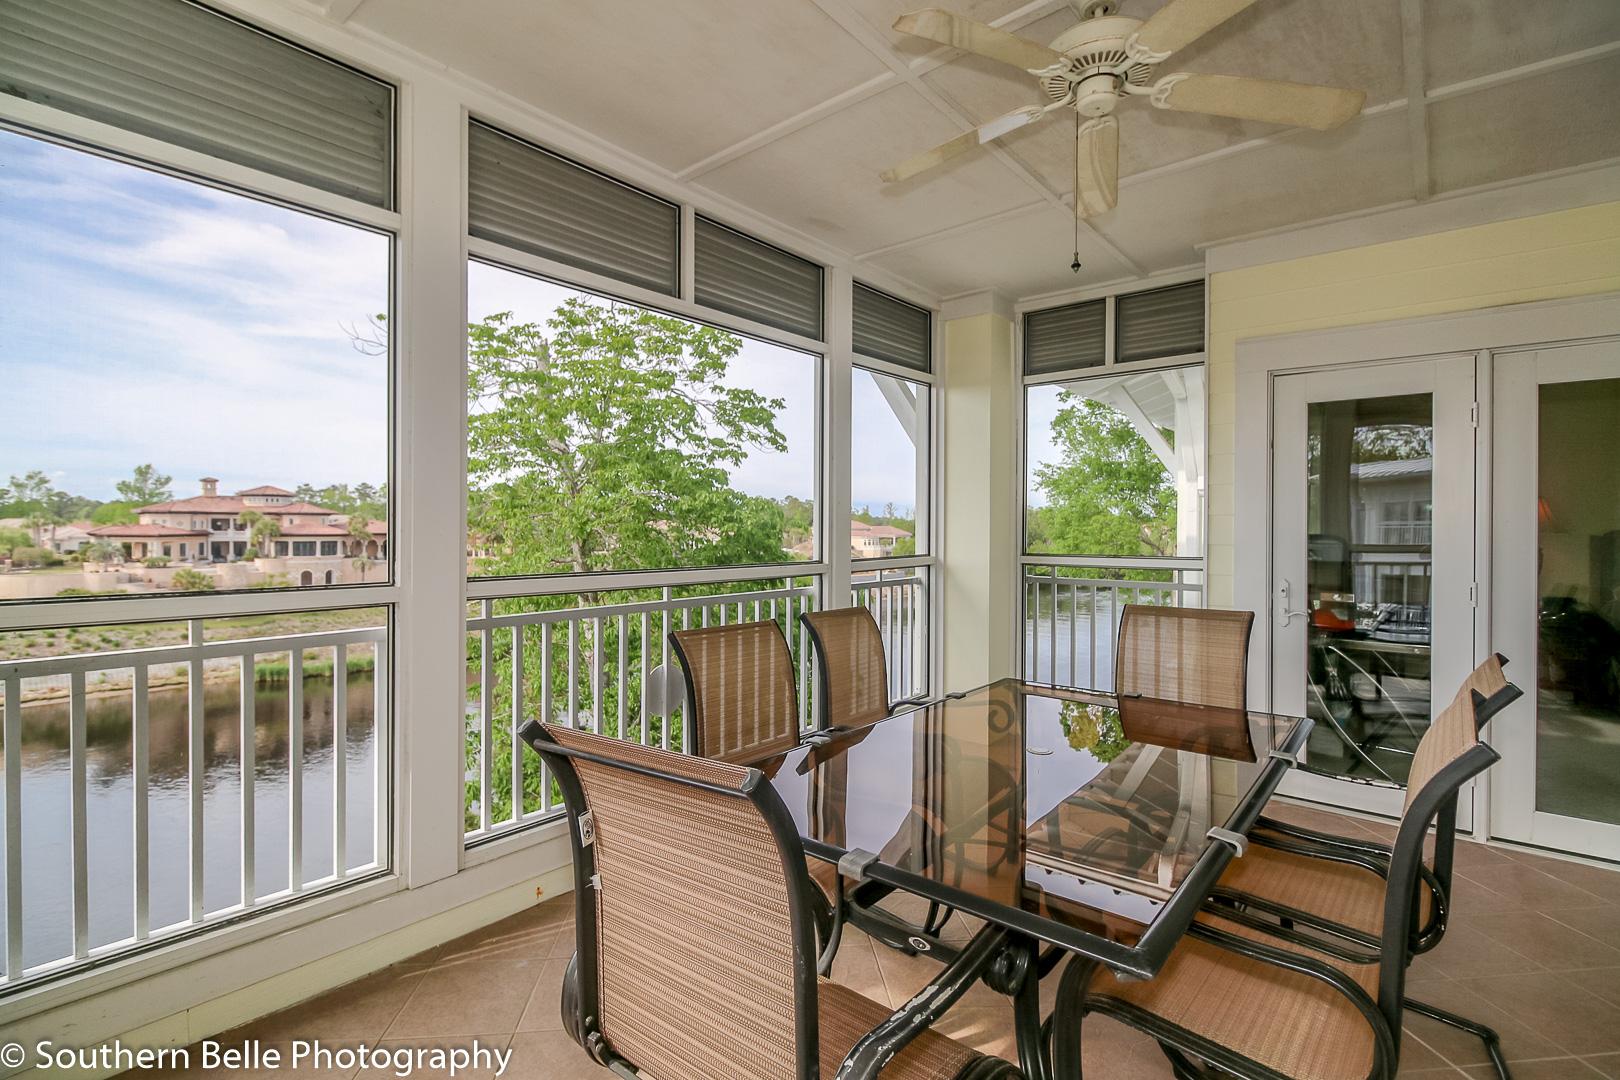 21. Balcony with Intercoastal Views WM